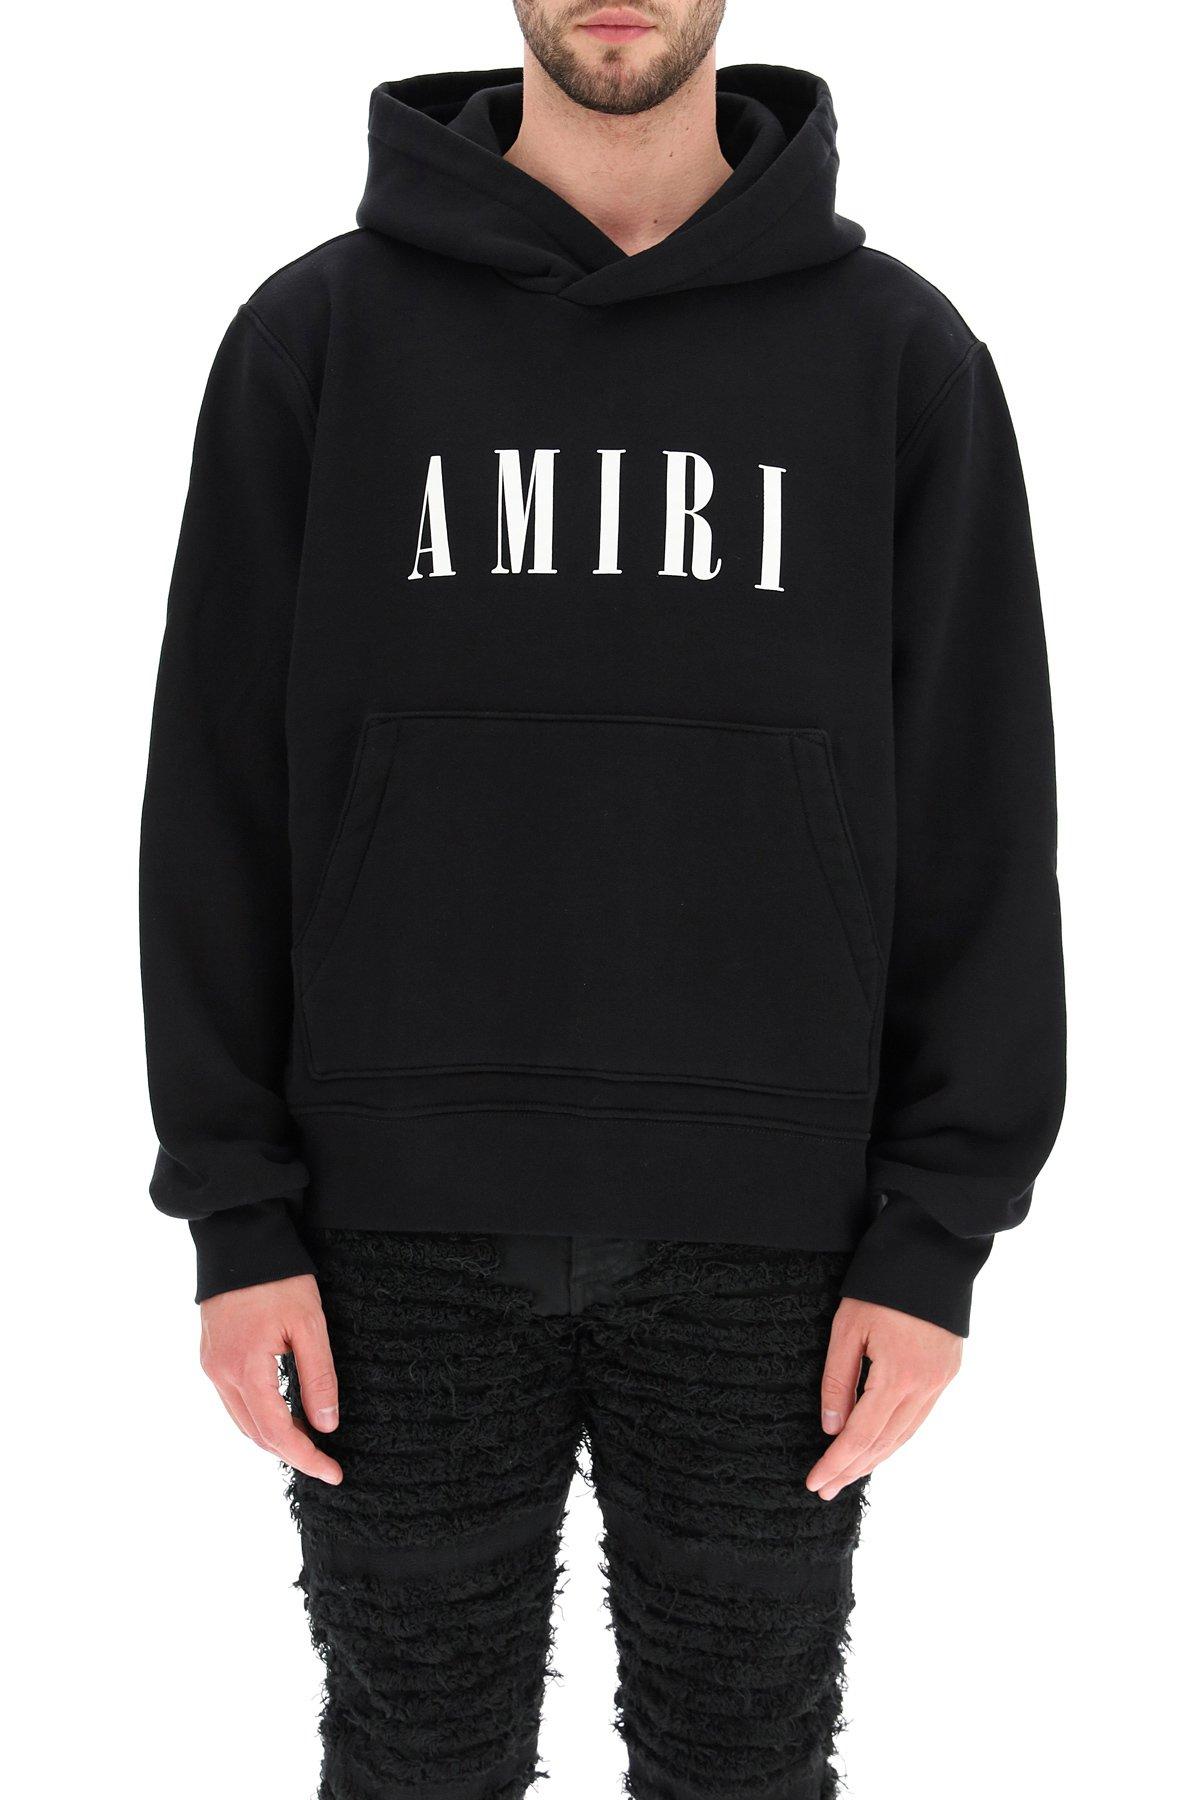 Amiri felpa con cappuccio stampa core logo